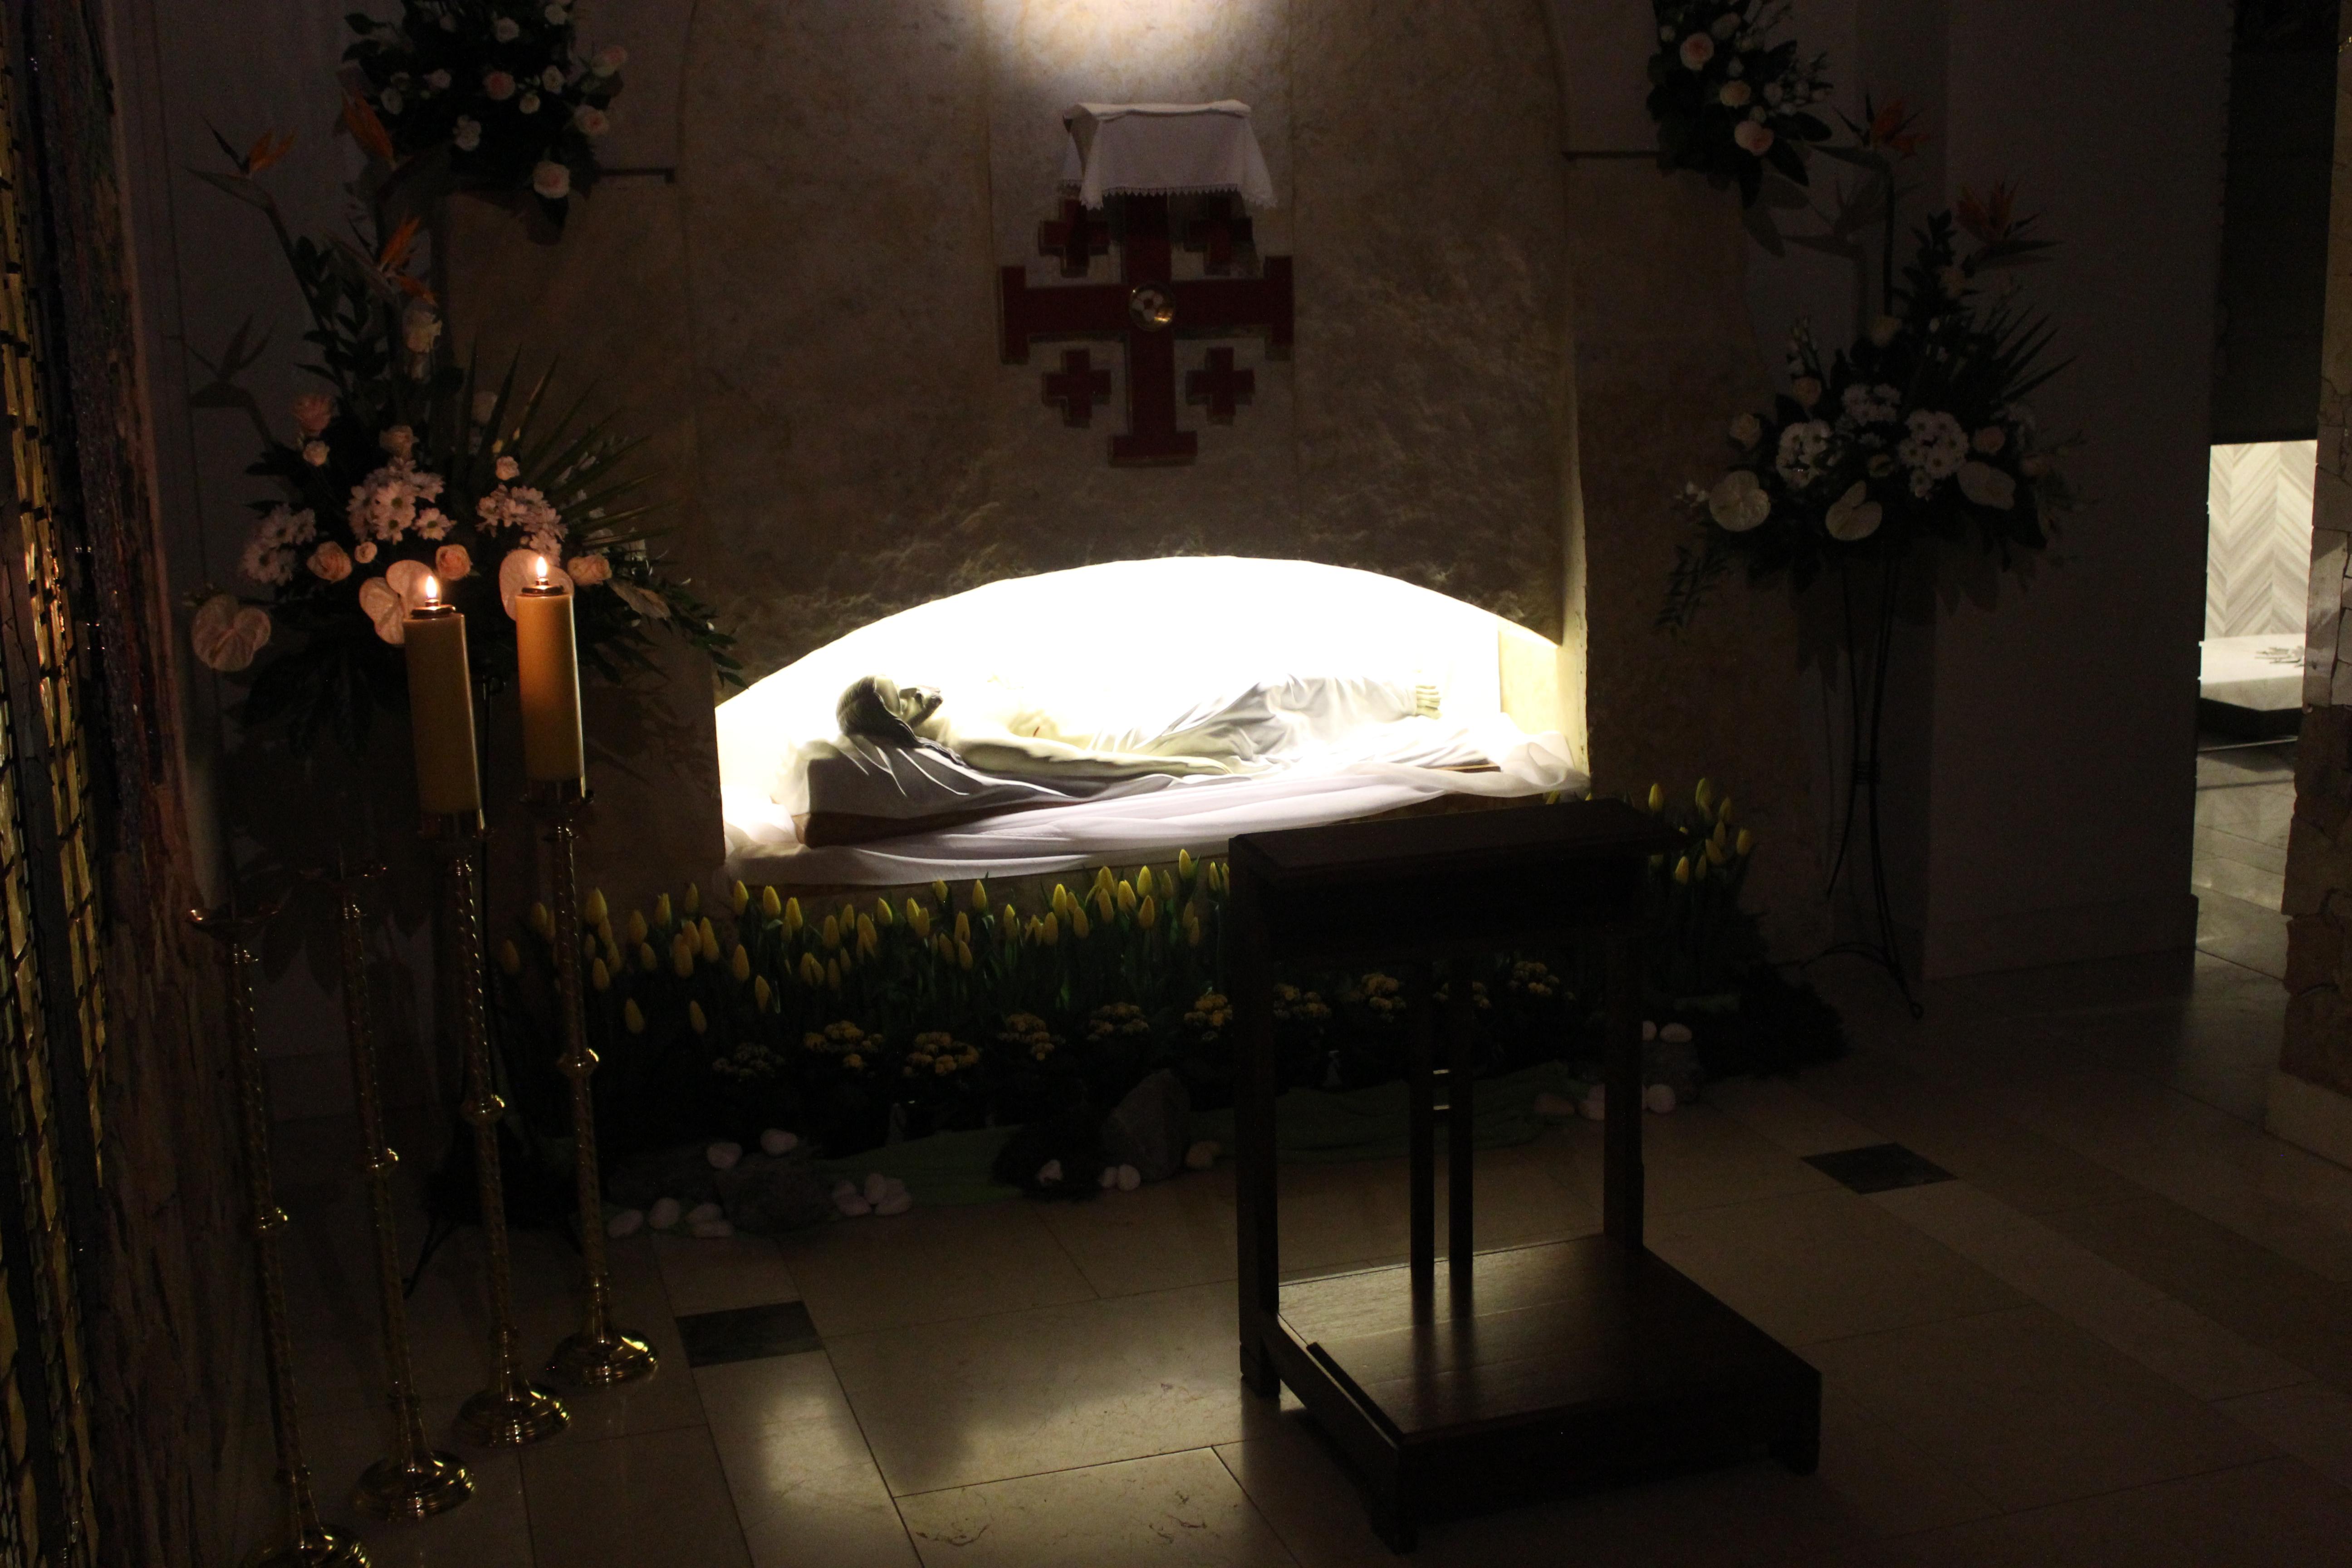 Krzyż uczy nas miłości. Liturgia Męki Pańskiej w Sanktuarium św. Jana Pawła II w Krakowie